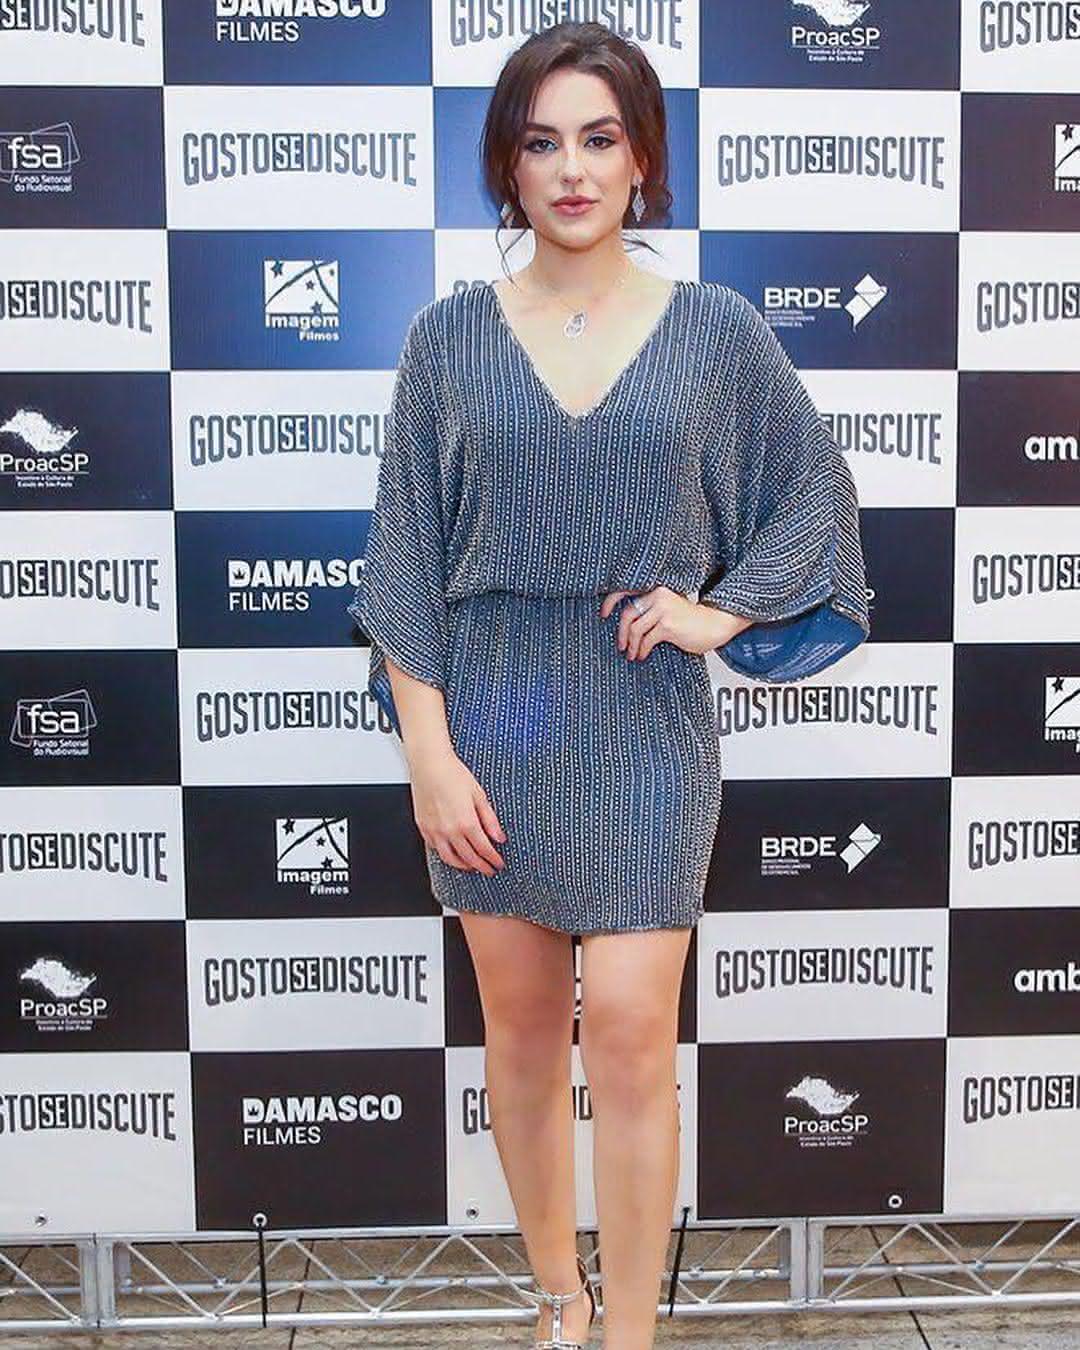 vestidos-de-moda-ver%C3%A3o.jpg